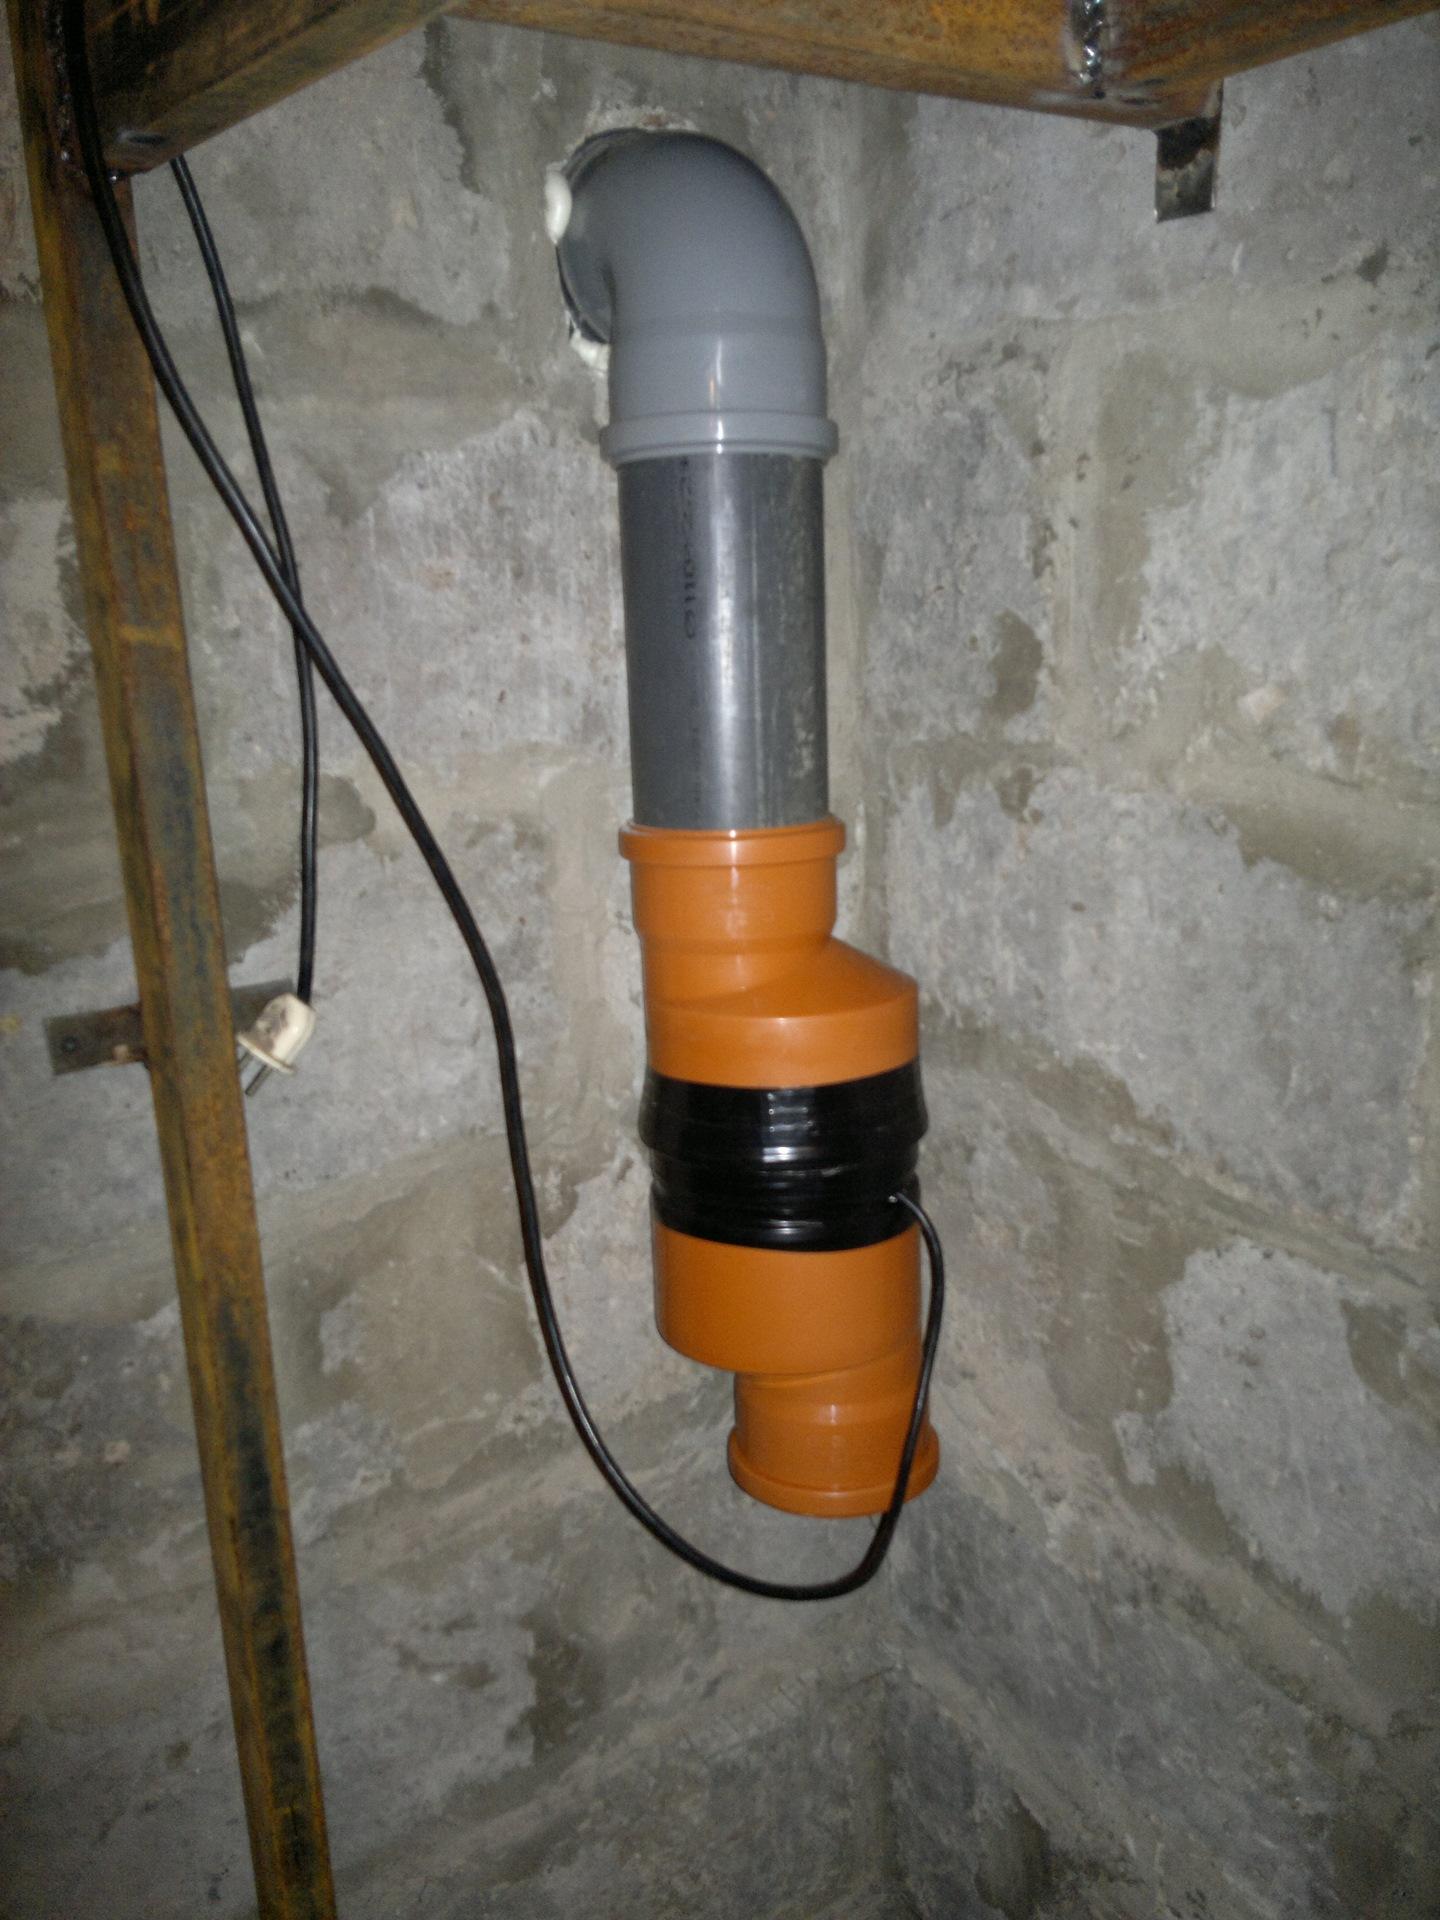 Вентиляция в частном доме из пластиковых труб: диаметр, высота и порядок монтажа вентиляционной вытяжки